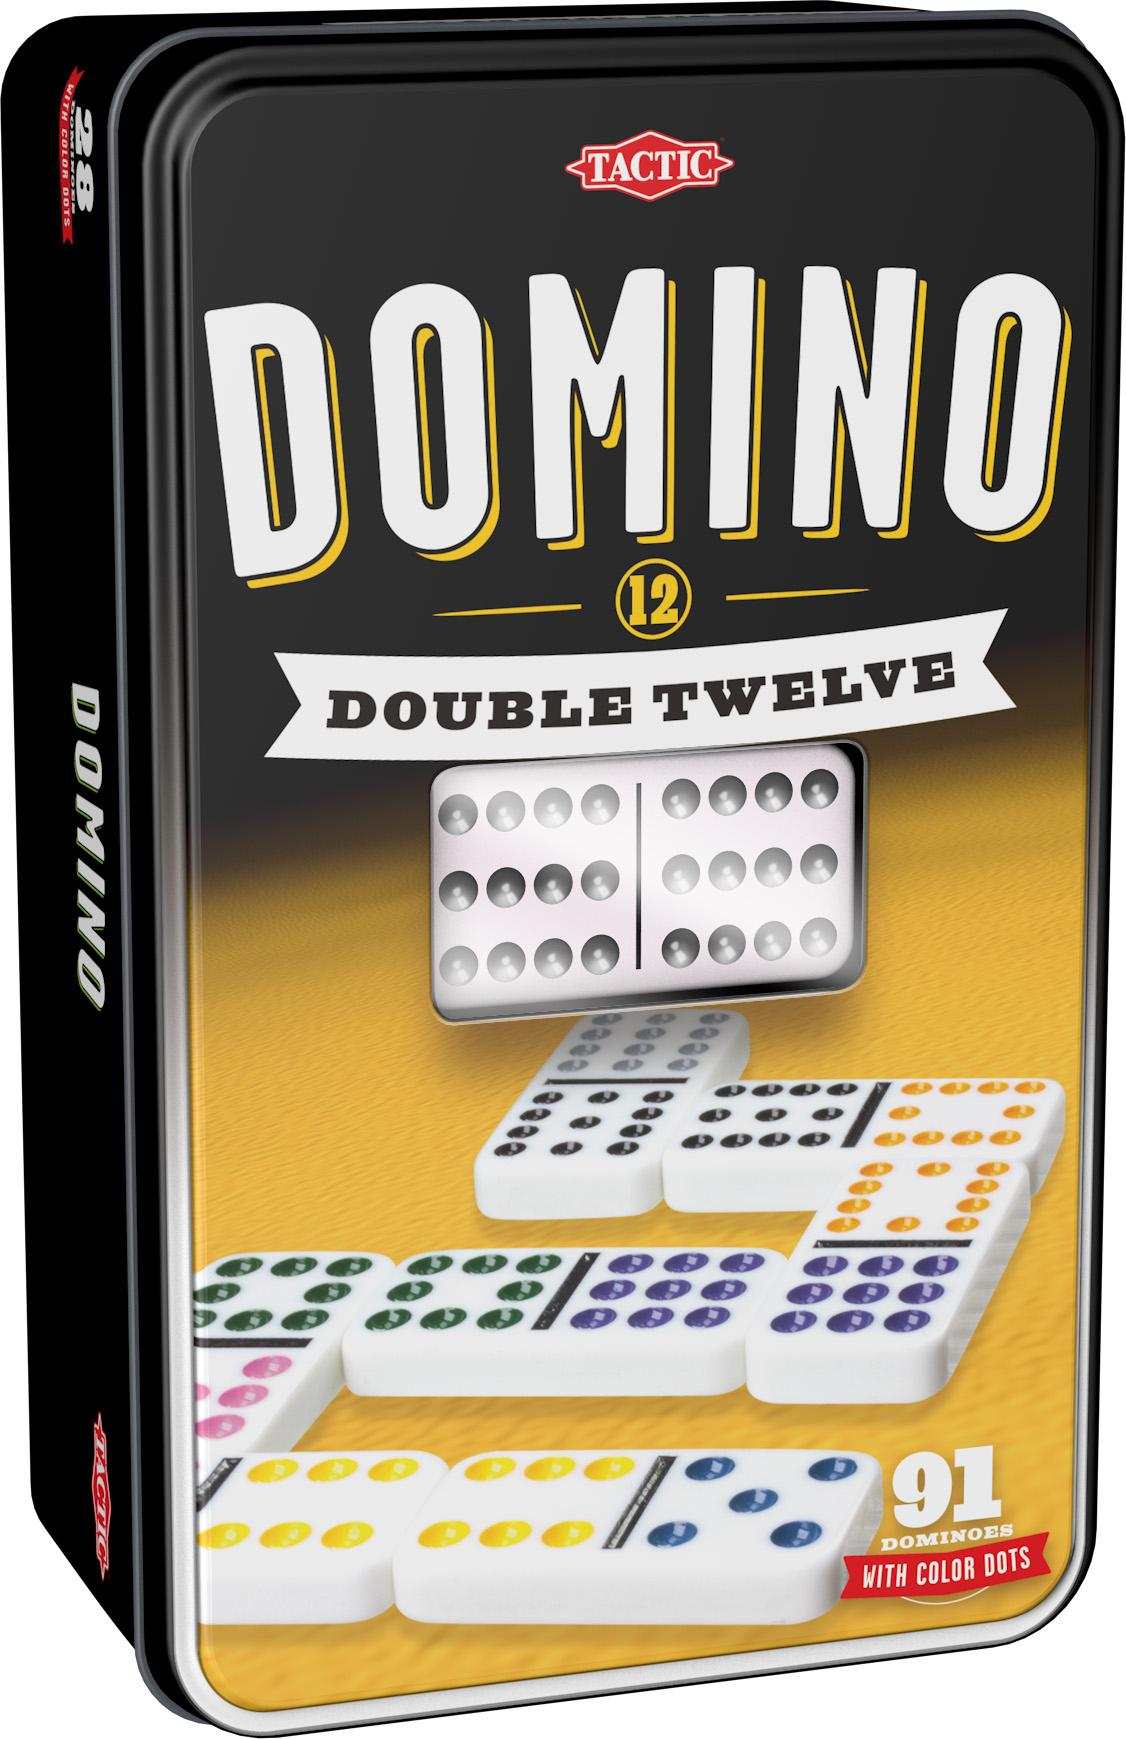 Tactic - Double 12 Dominoes in tinbox (53915)